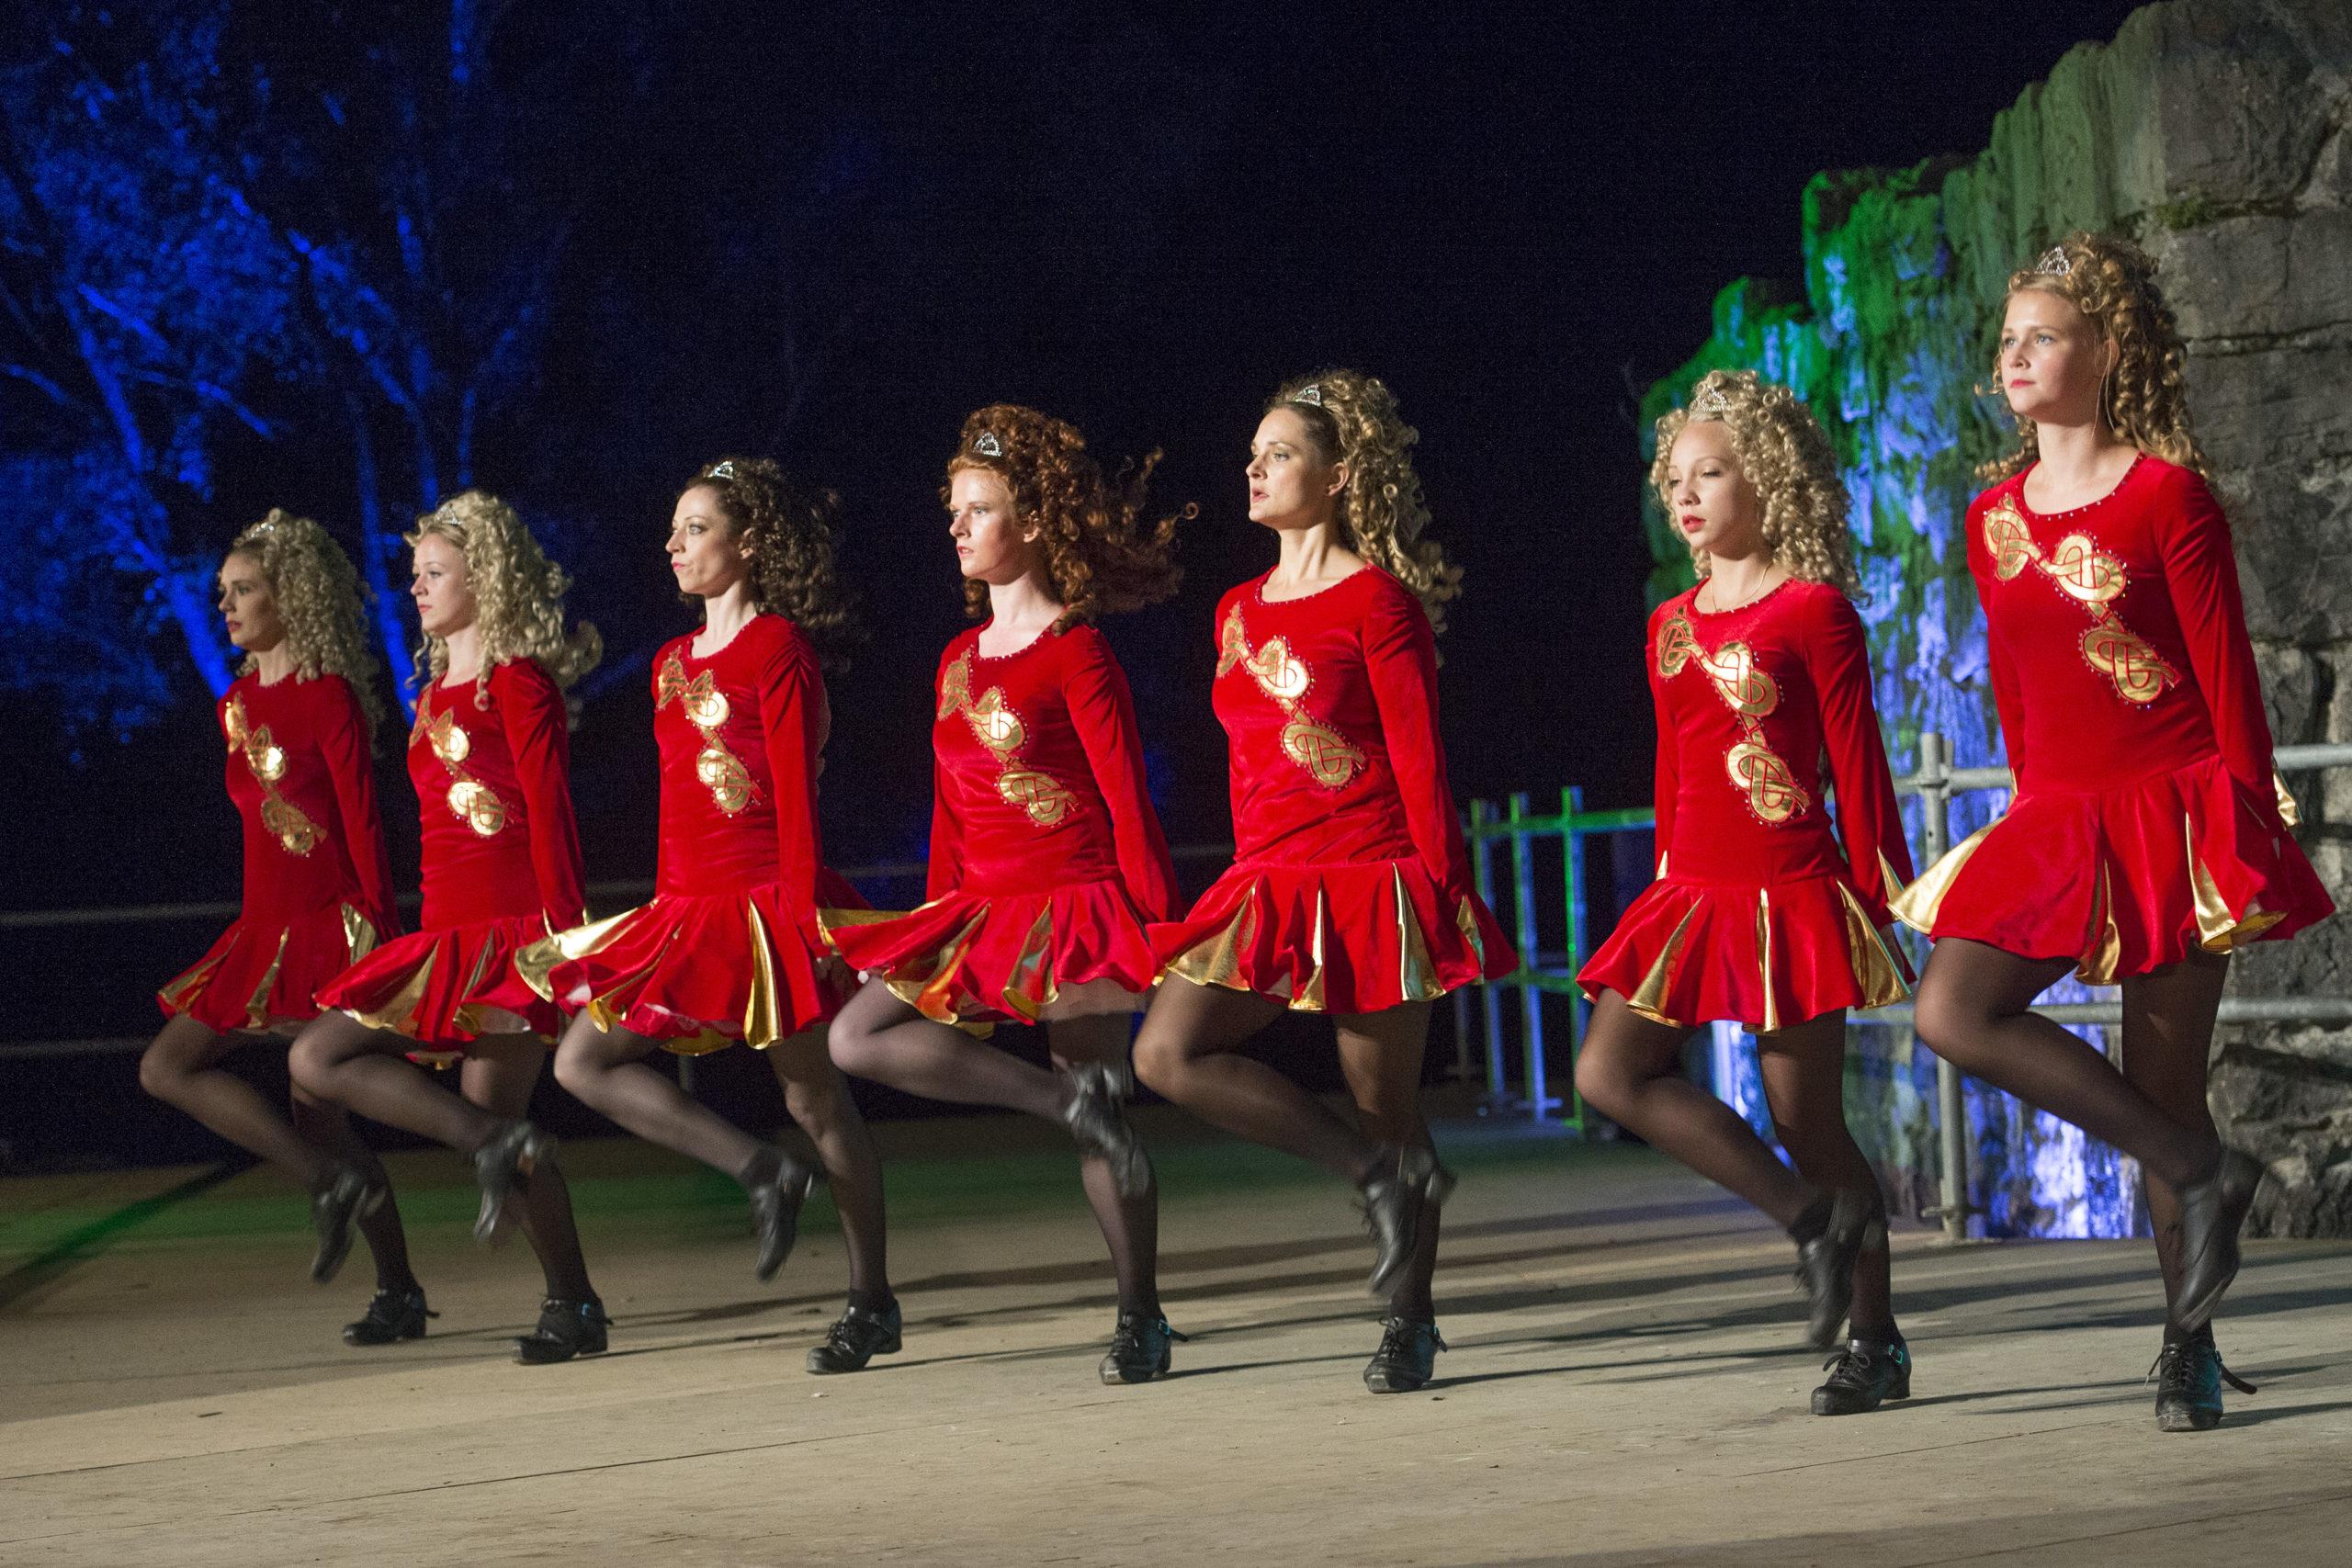 Group Dances